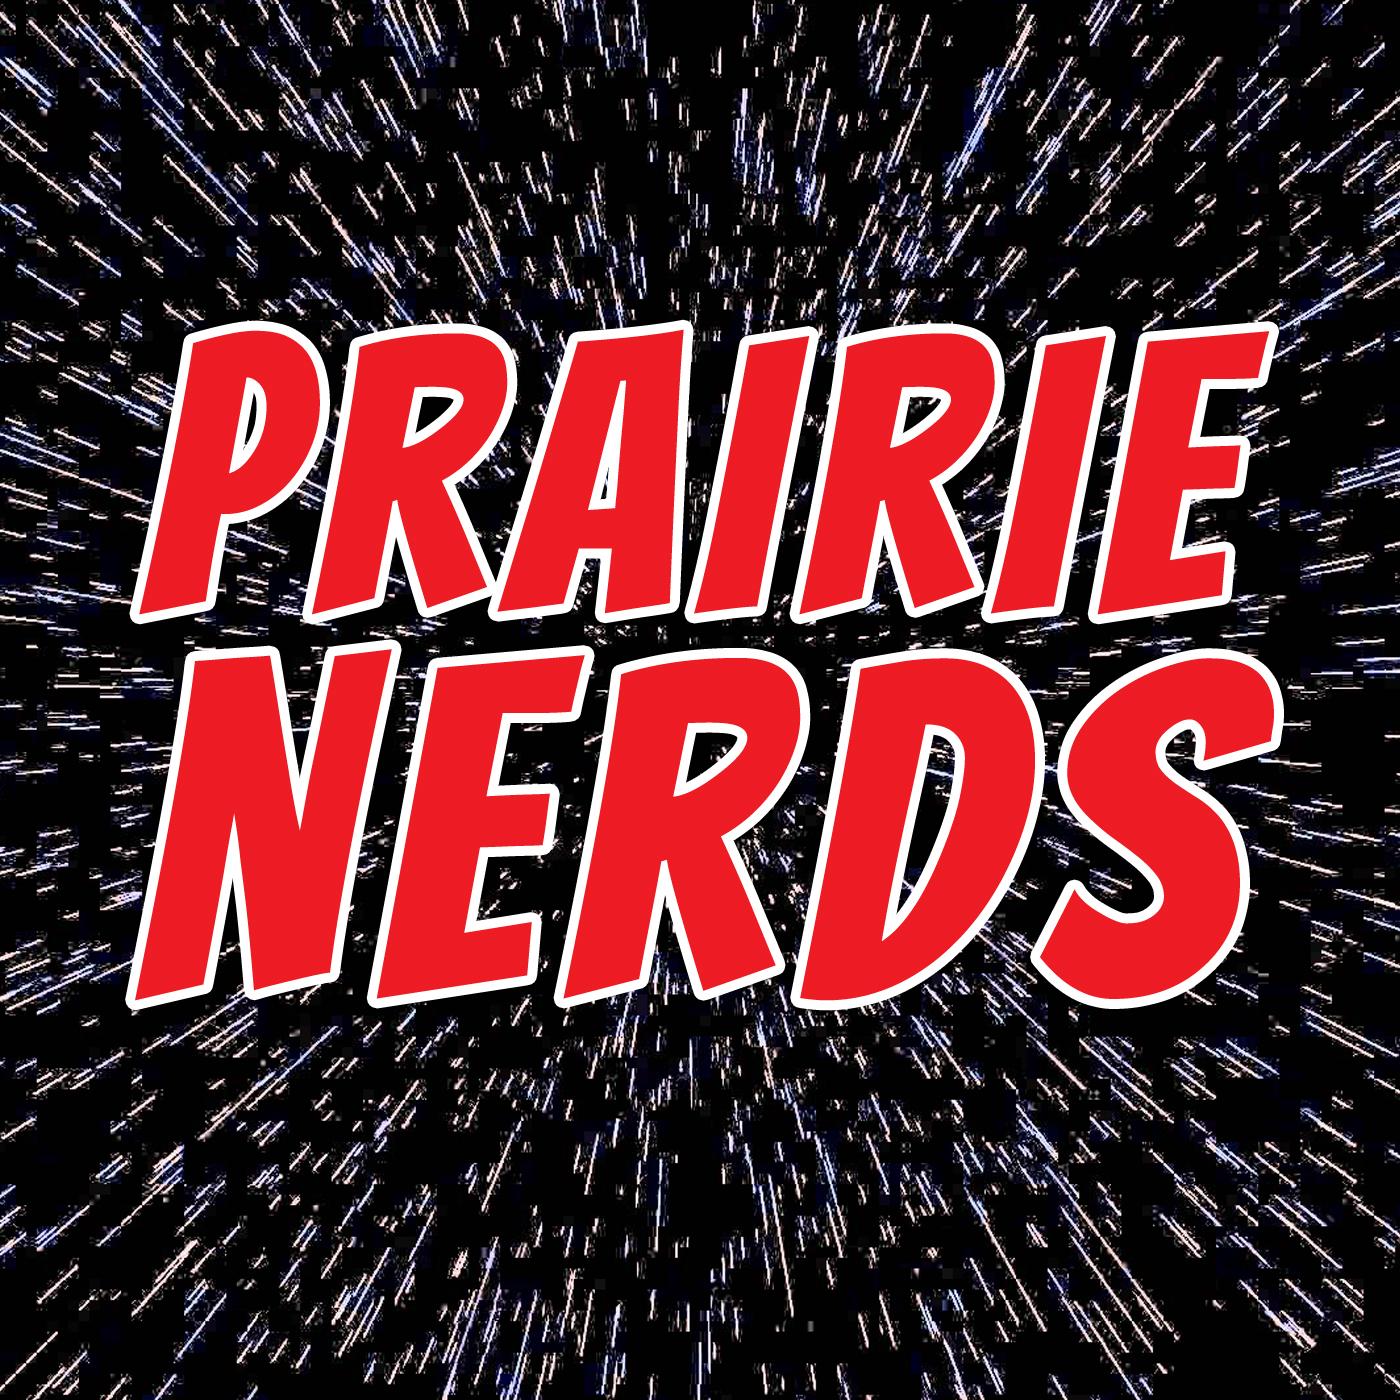 Prairie Nerds